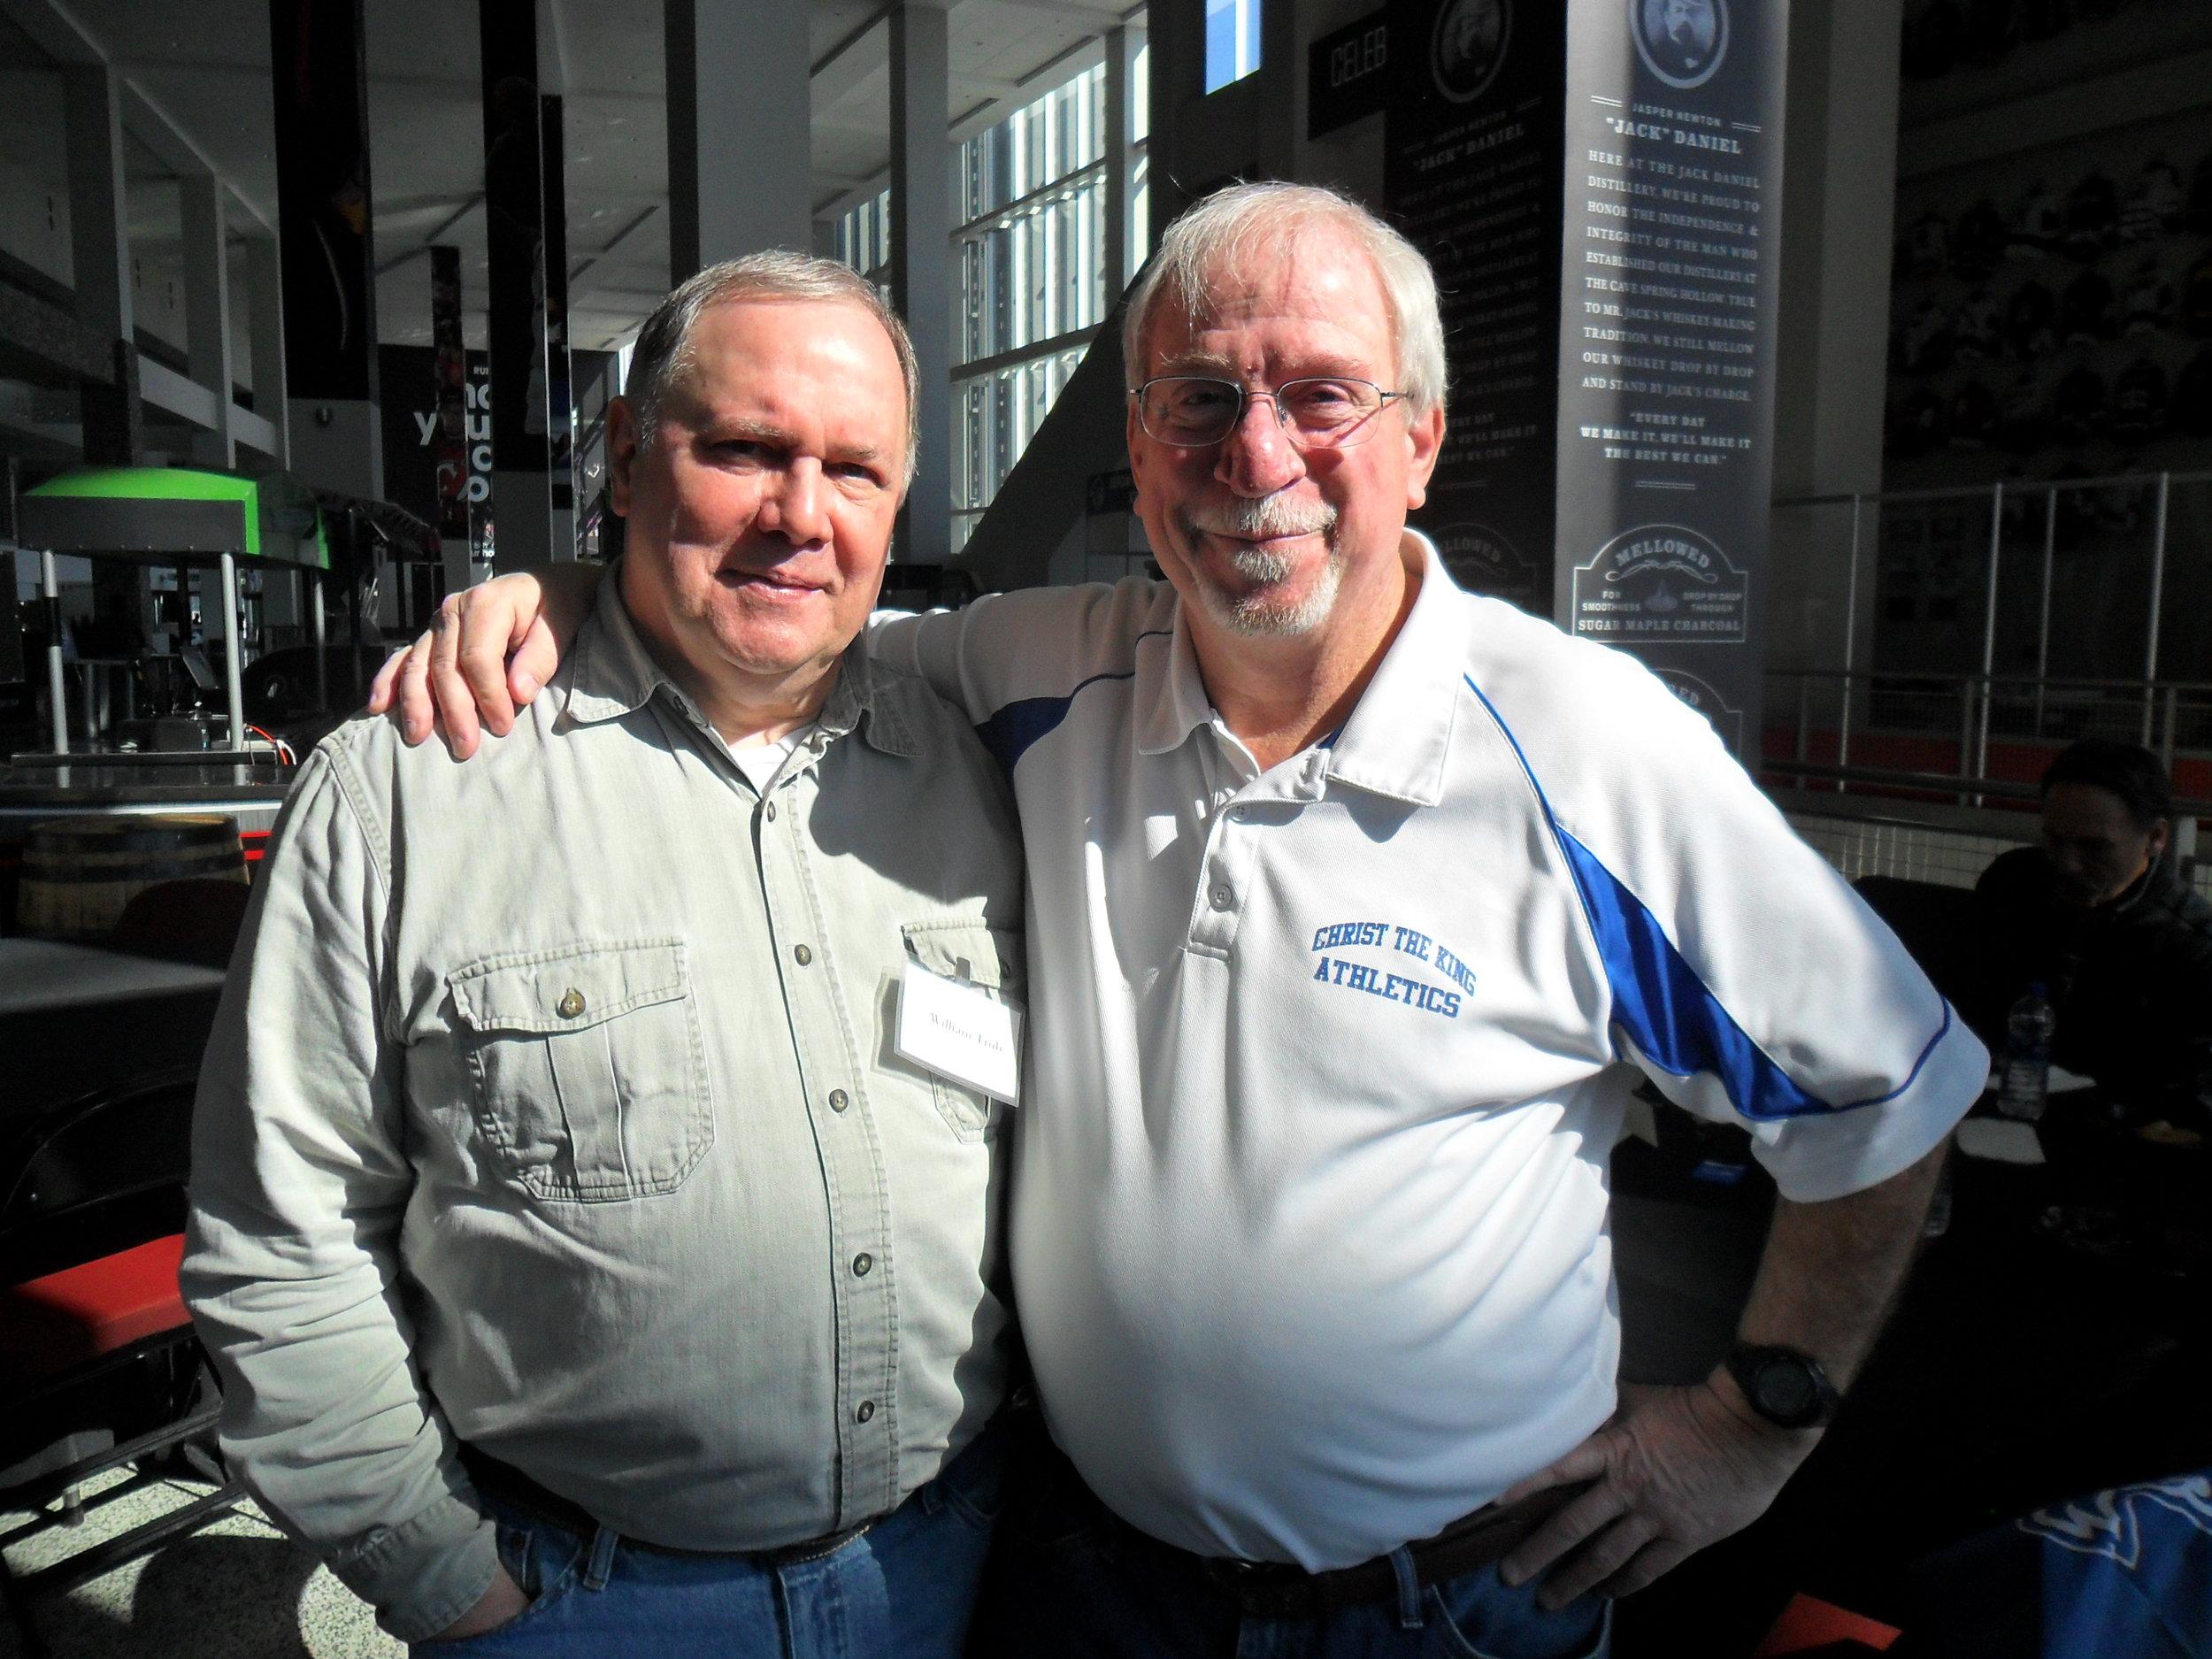 Bill Trub and Chris Kennedy